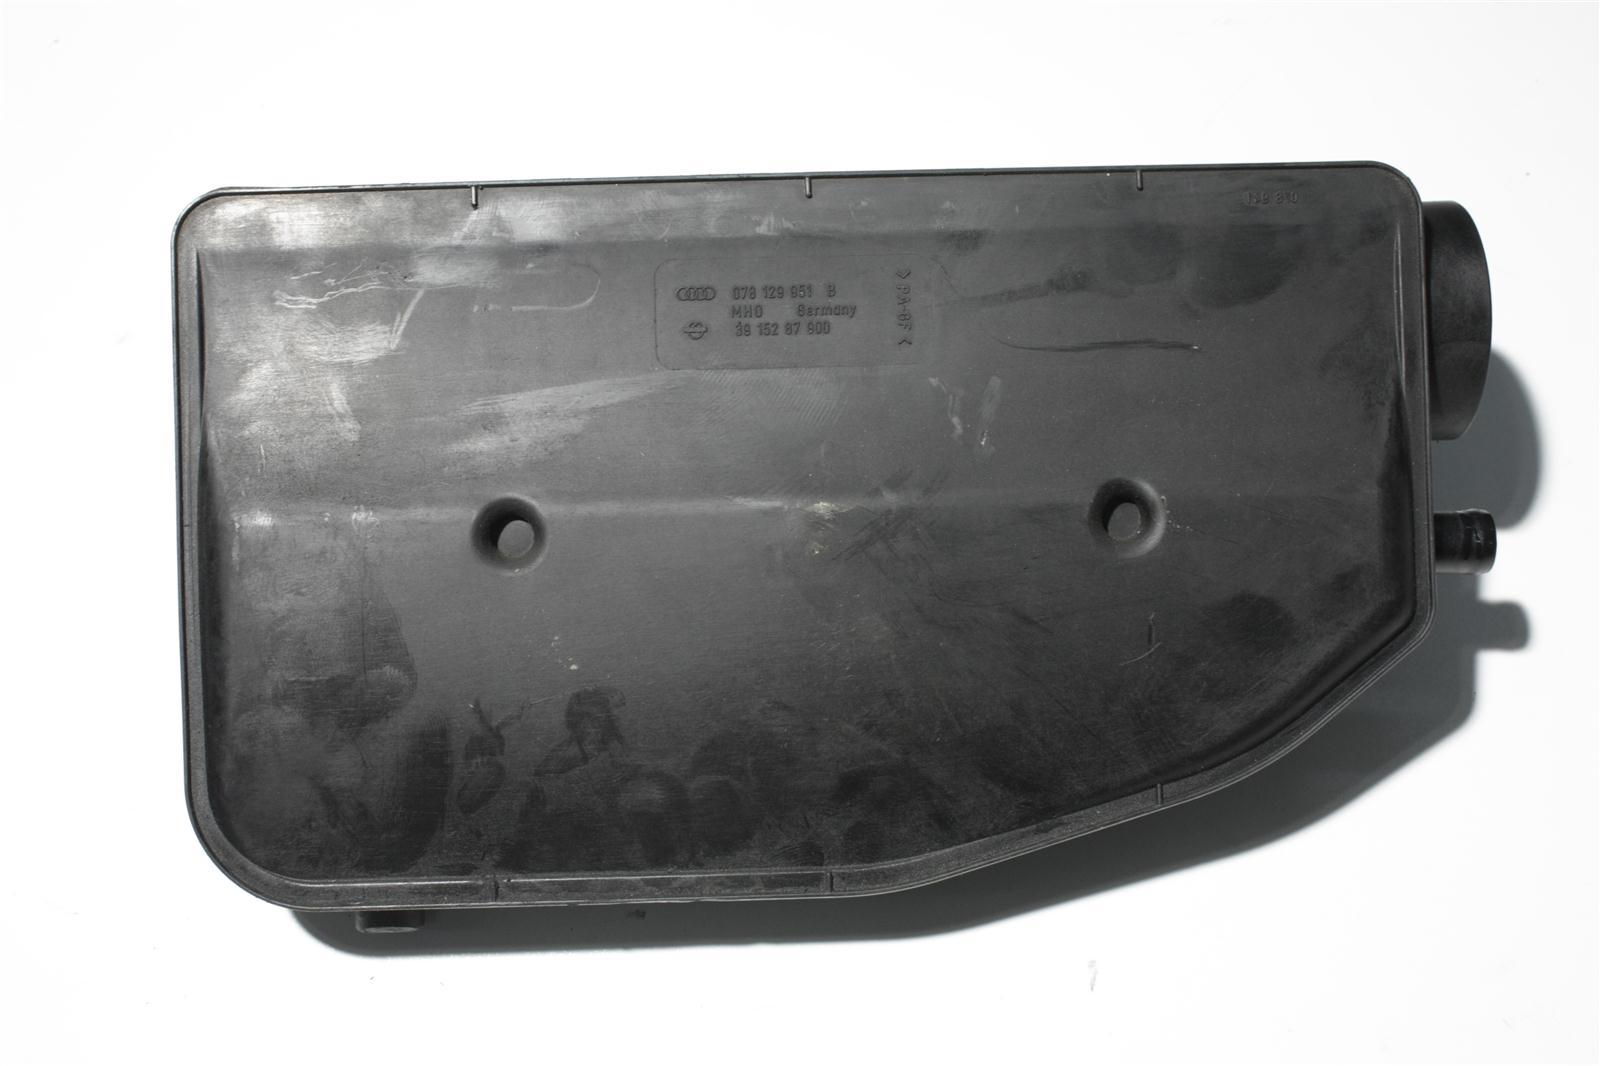 Audi 100/A6 C4 2.6/2.8l Geräuschdämpfer 078129951B 078129951H